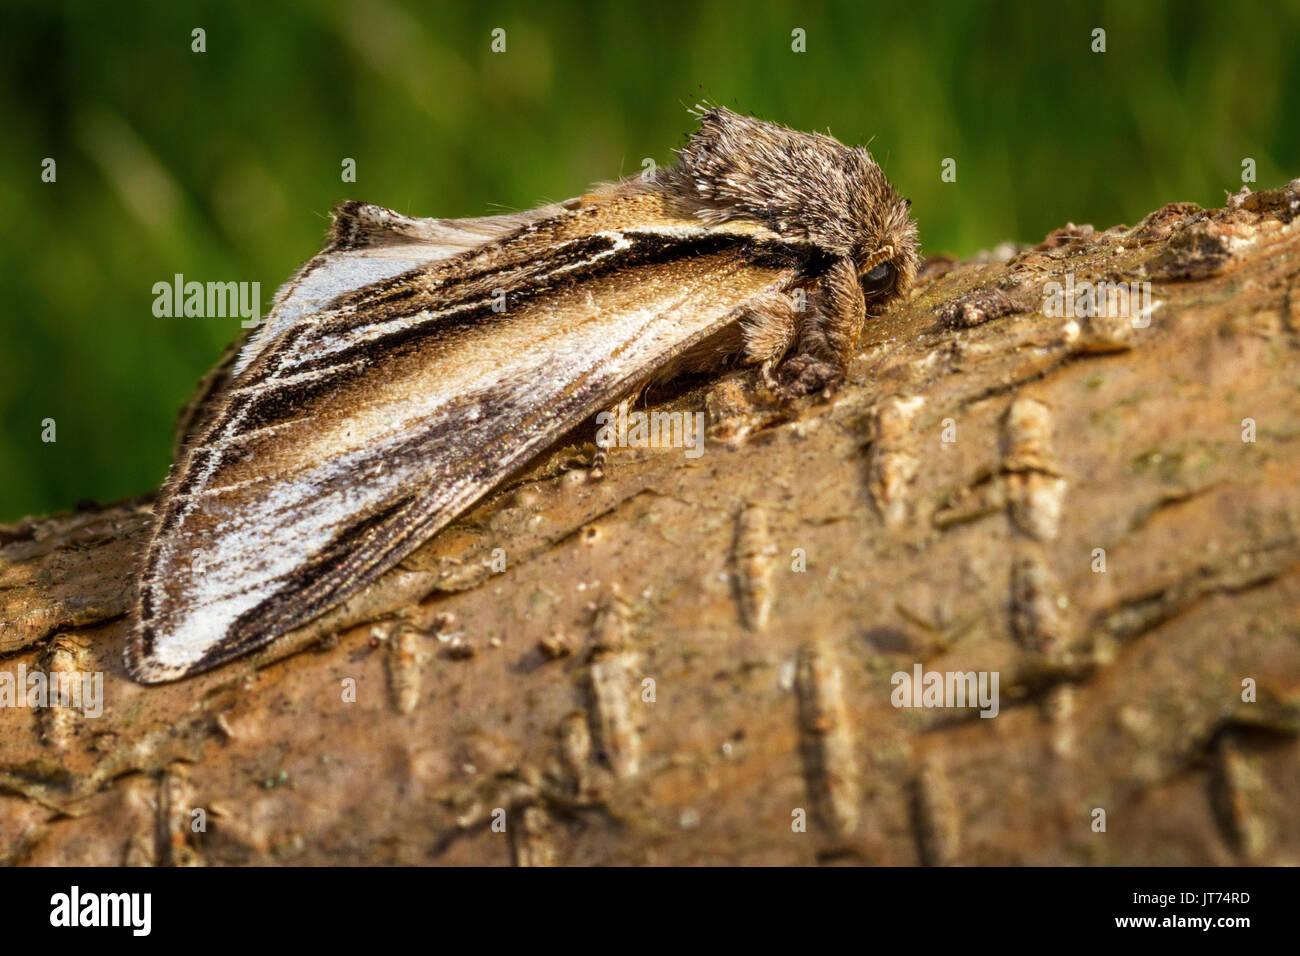 Regno Unito wildlife: deglutire prominente (pheosia tremula), imago sul ramo di albero, Doncaster, Regno Unito Immagini Stock